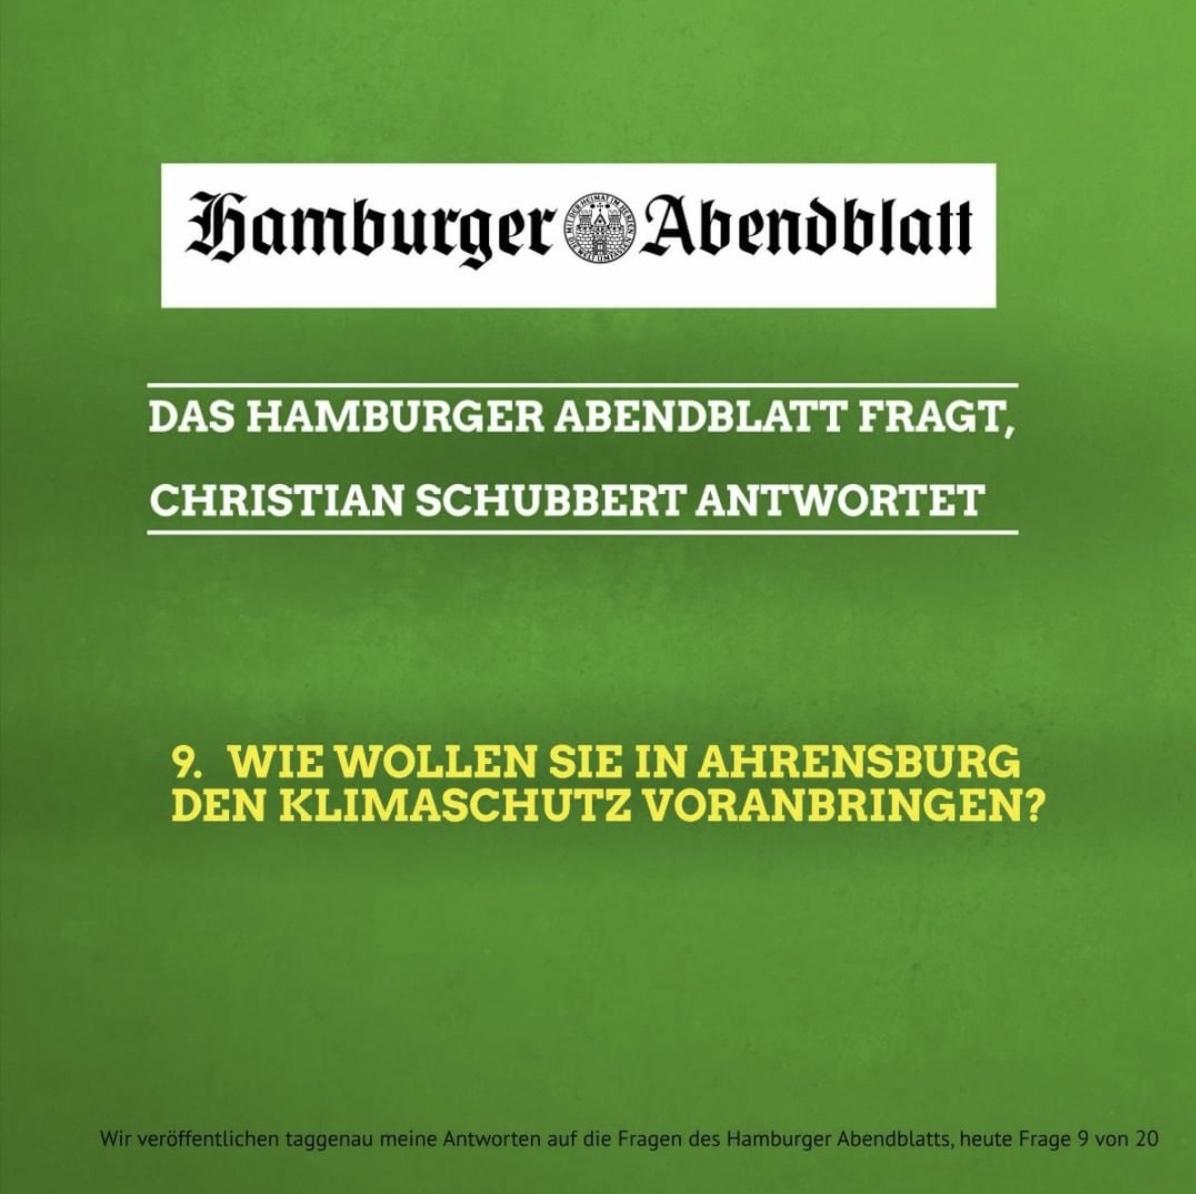 Das Hamburger Abendblatt fragt, Christian Schubbert antwortet: 9. Wie wollen Sie in Ahrensburg den Klimaschutz voranbringen?